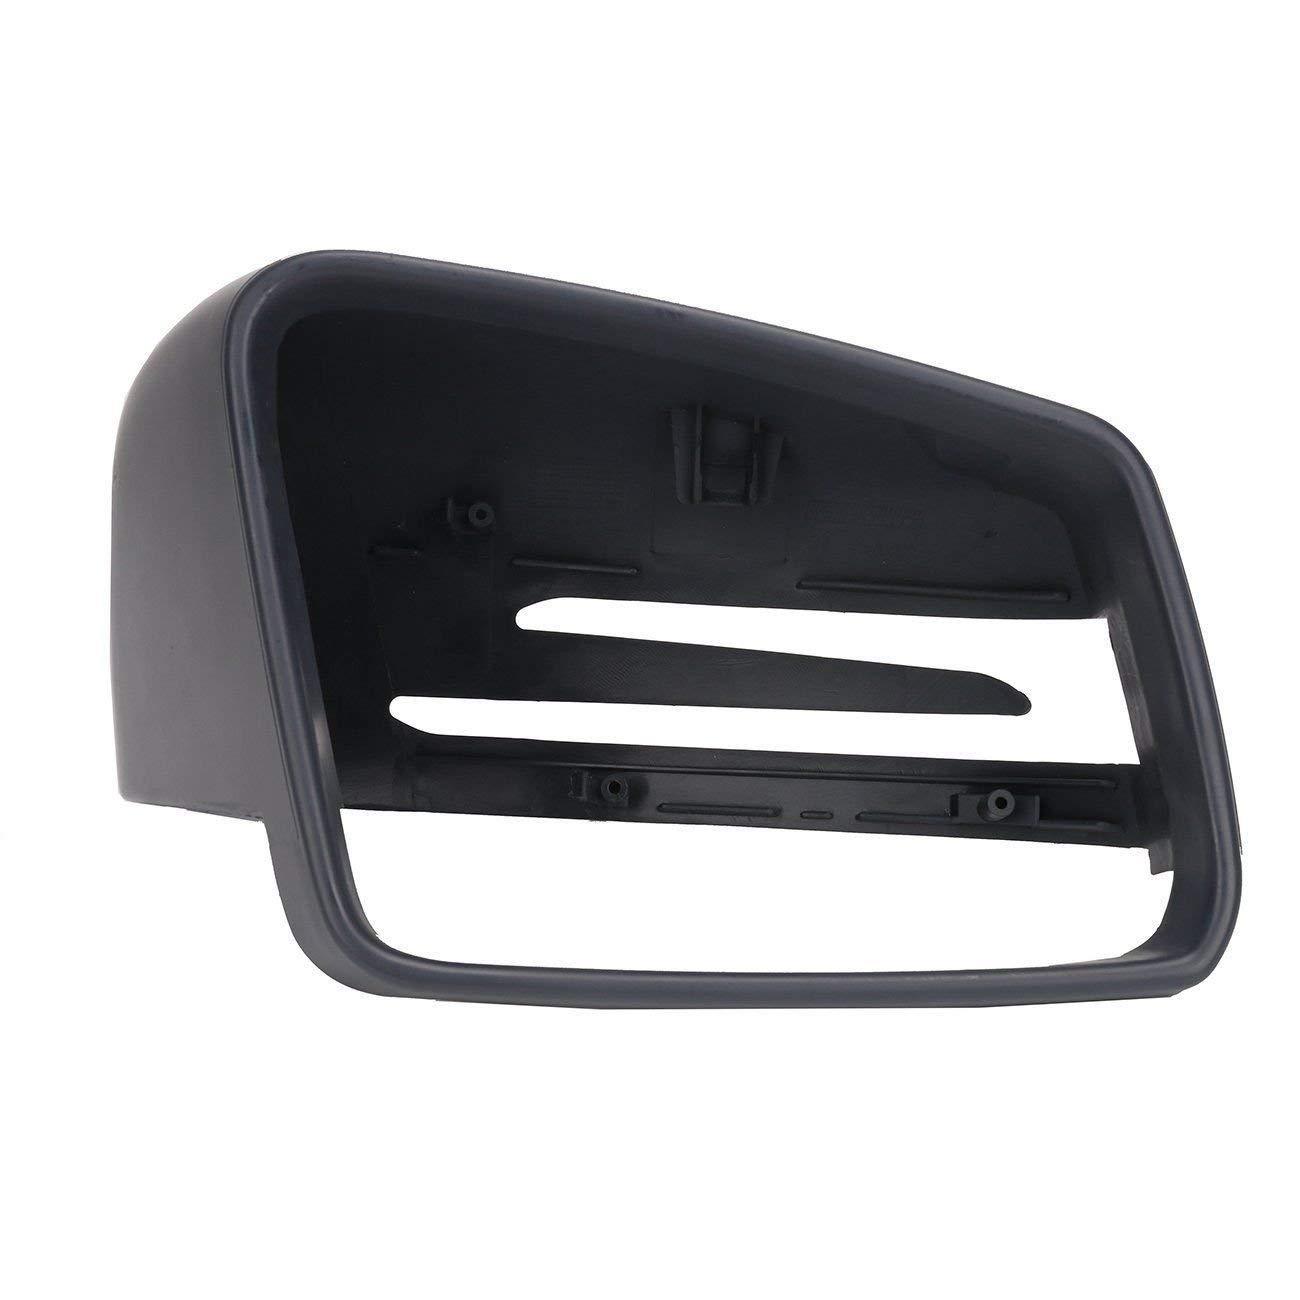 Cikuso Tappo Laterale Destro per Specchietto Retrovisore per Mercedes Benz W212 W204 W221 W176 W246 S350 S400 S450 S500 2128100464